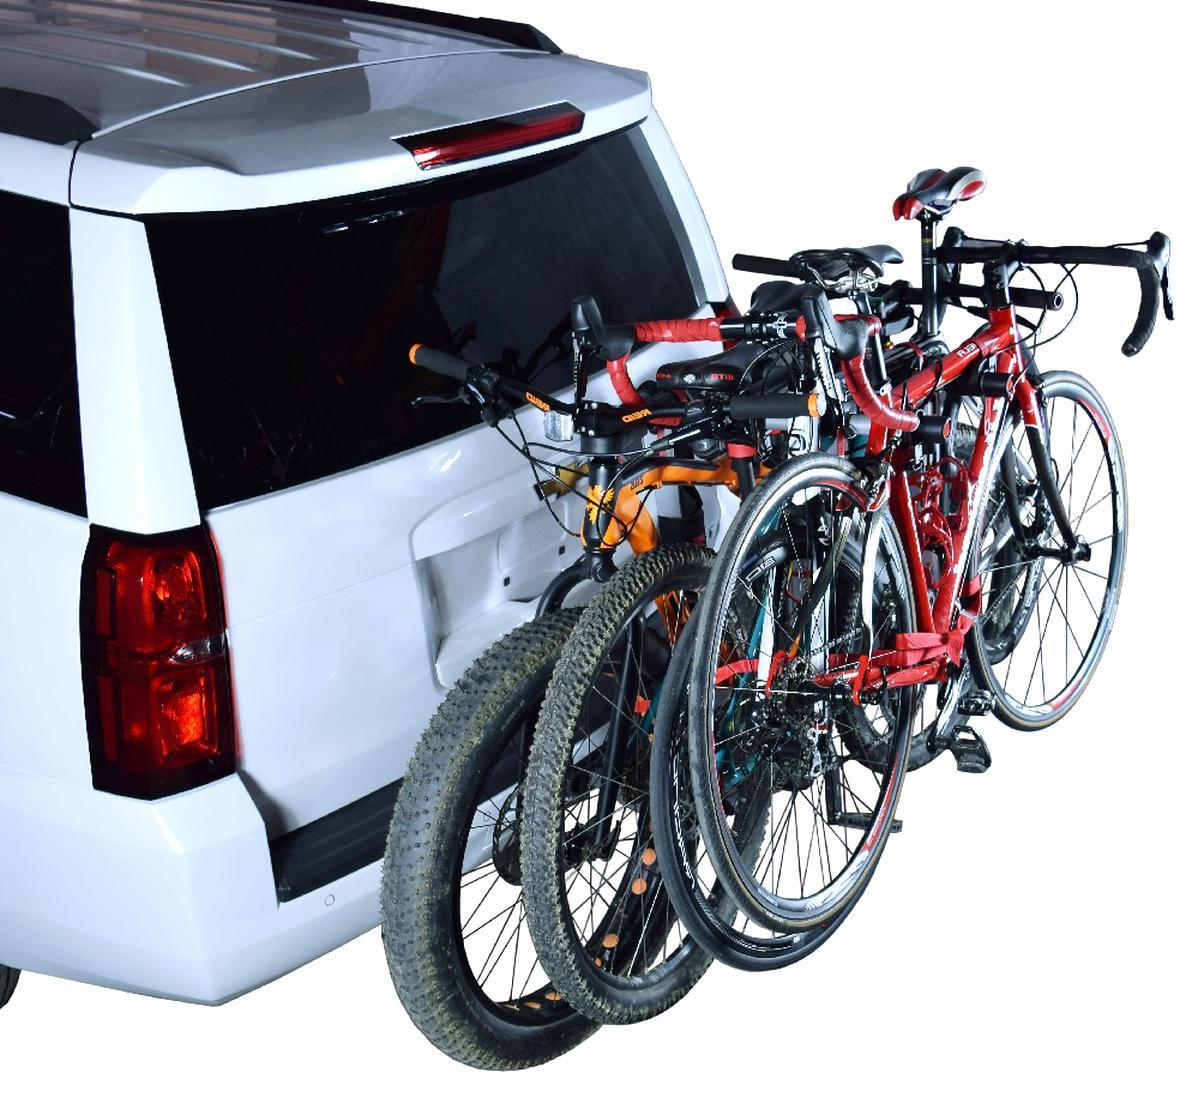 4 bike rack for sale